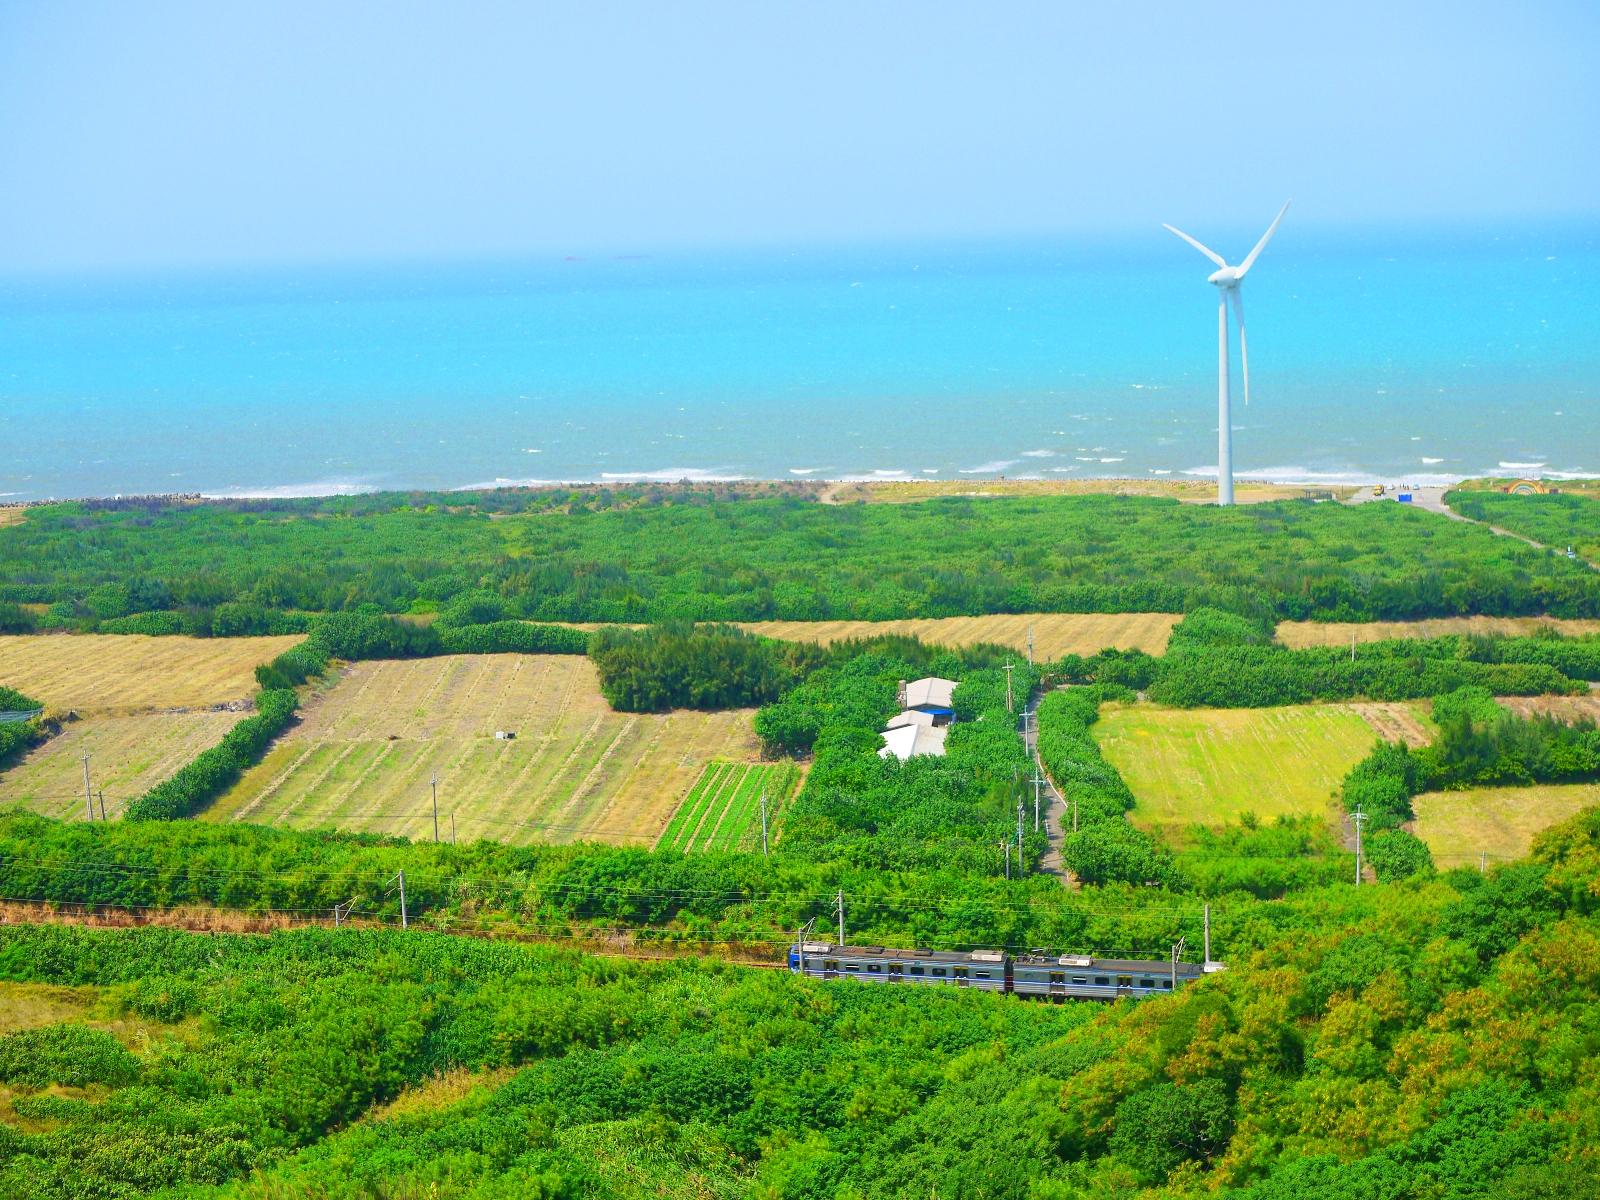 白色風車   藍色火車   鐵道之旅   藍海綠地   台灣風景   ホウロン   こうりゅう   ミアオリーミアオリー   Wafu Taiwan   巡日旅行攝   RoundtripJp